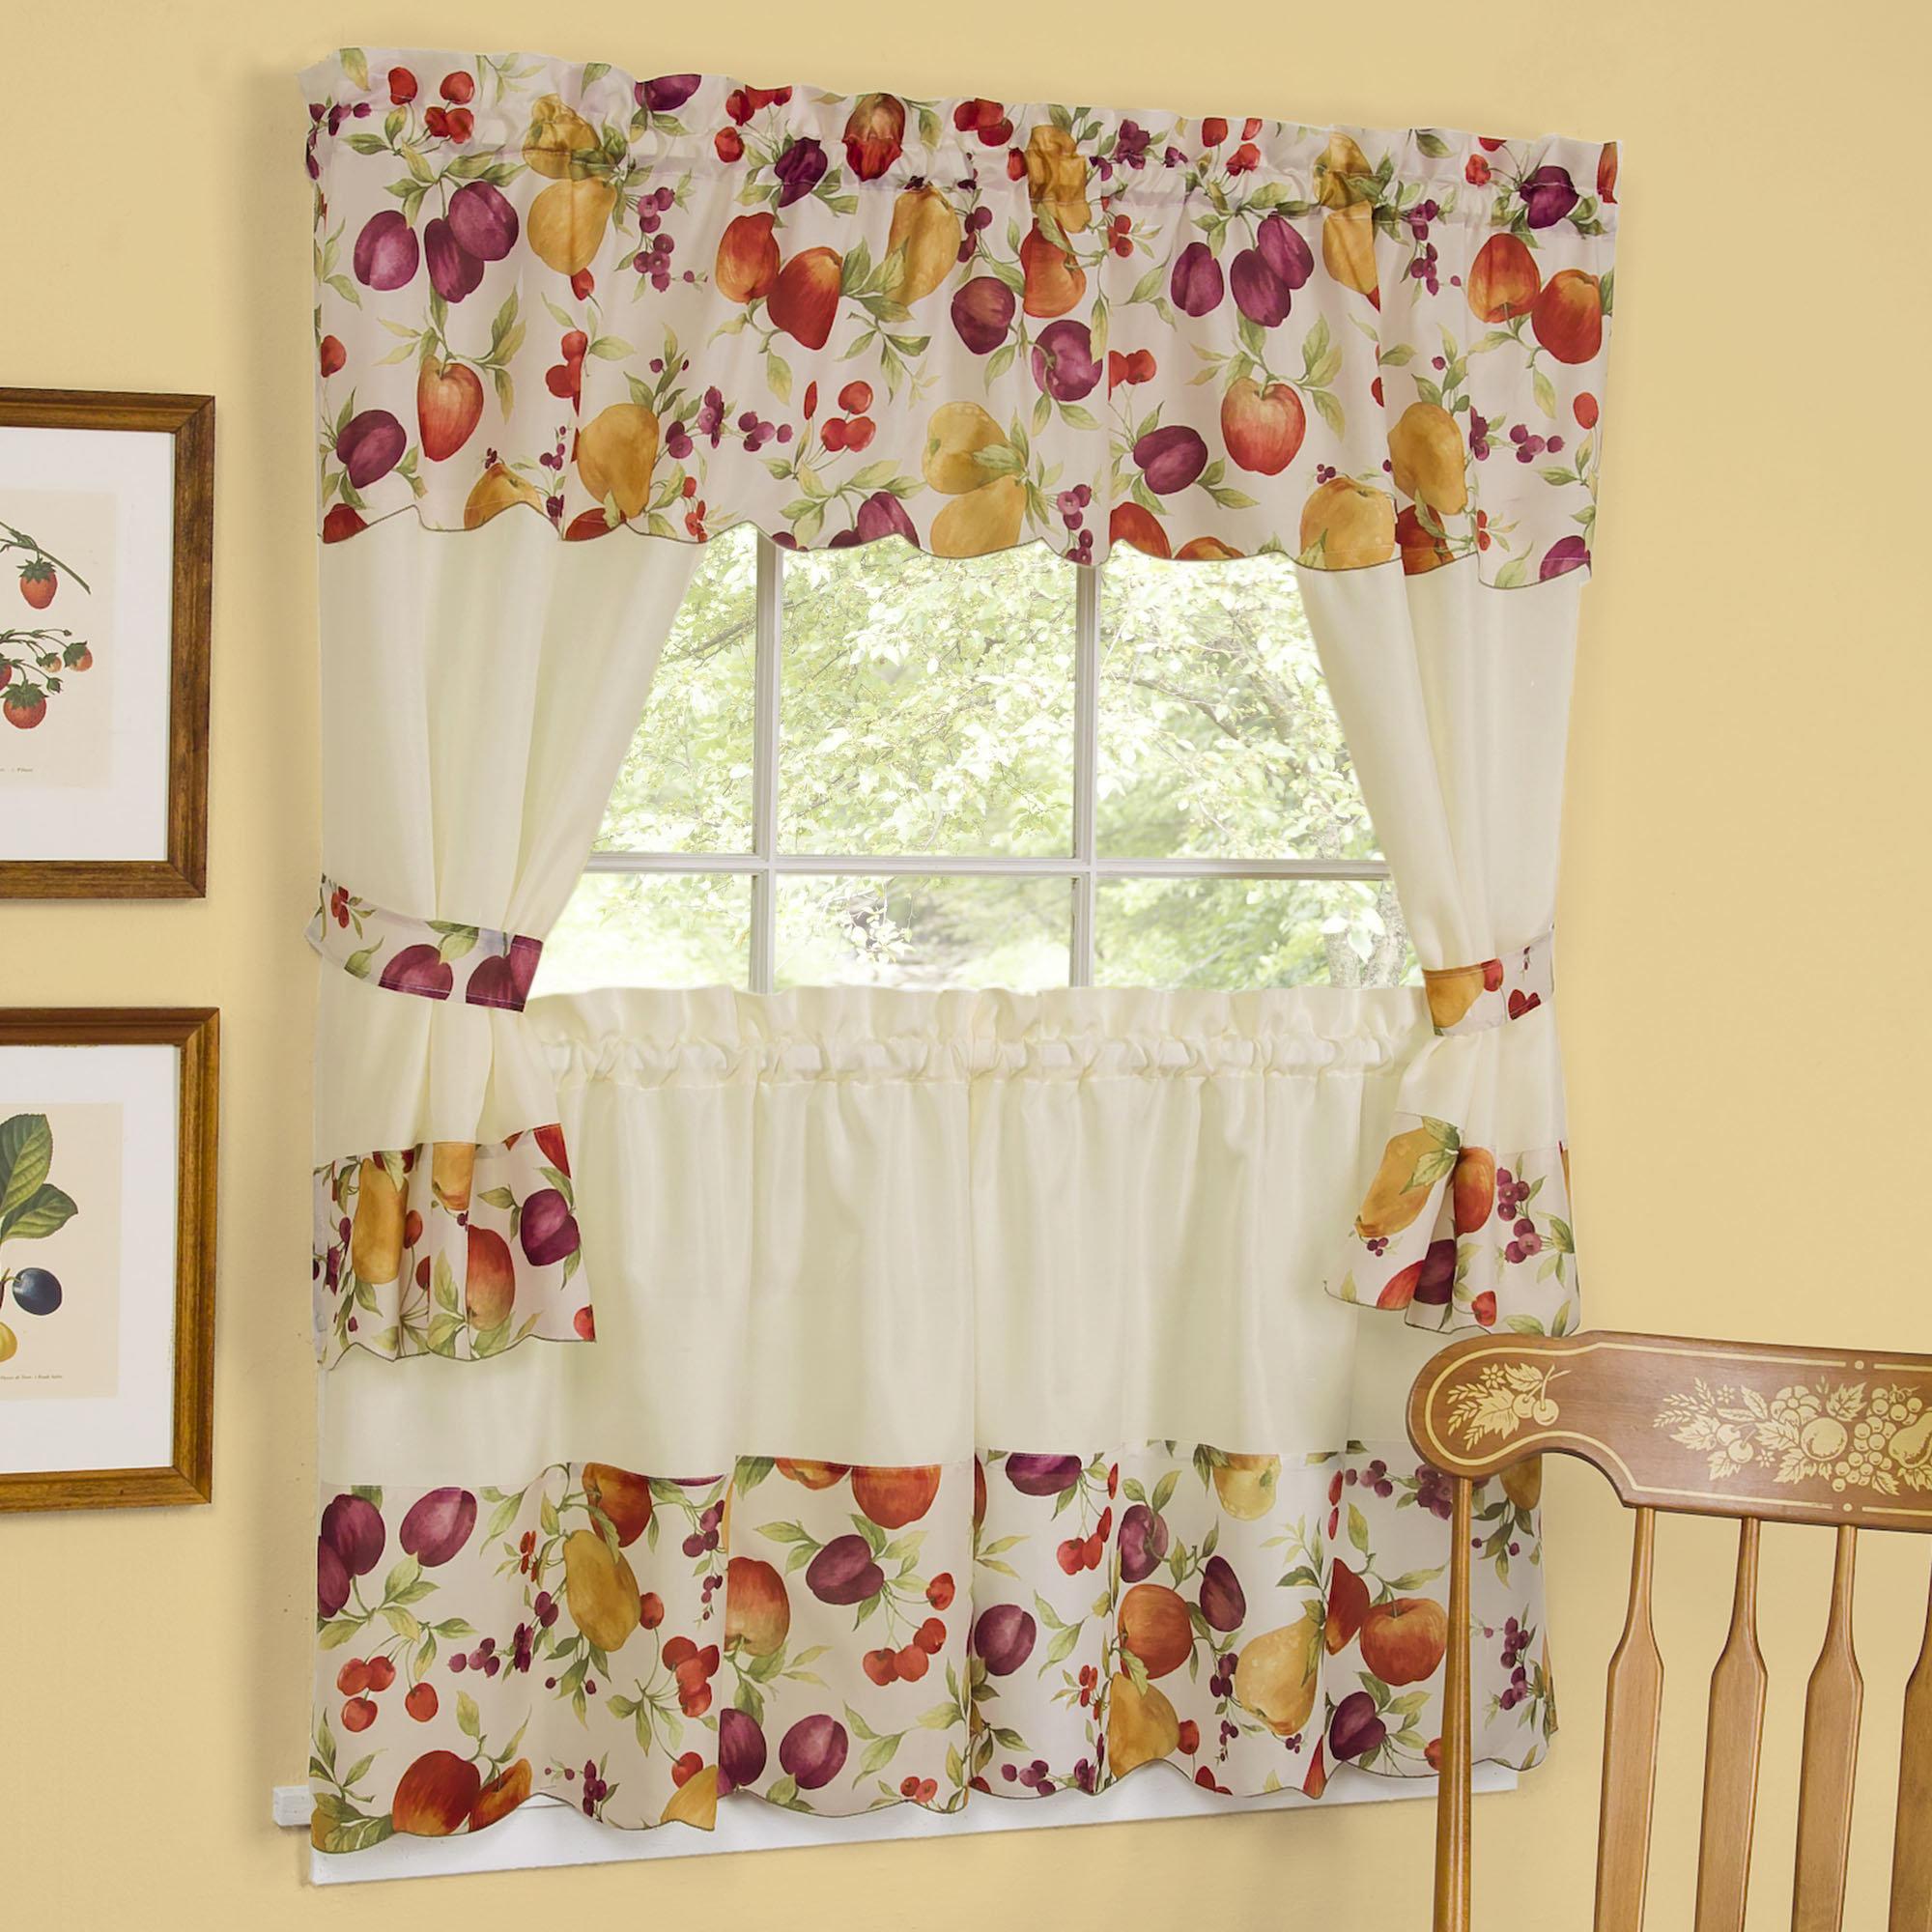 Kitchen Curtains Designs: Fruit Kitchen Curtains Photo - 8